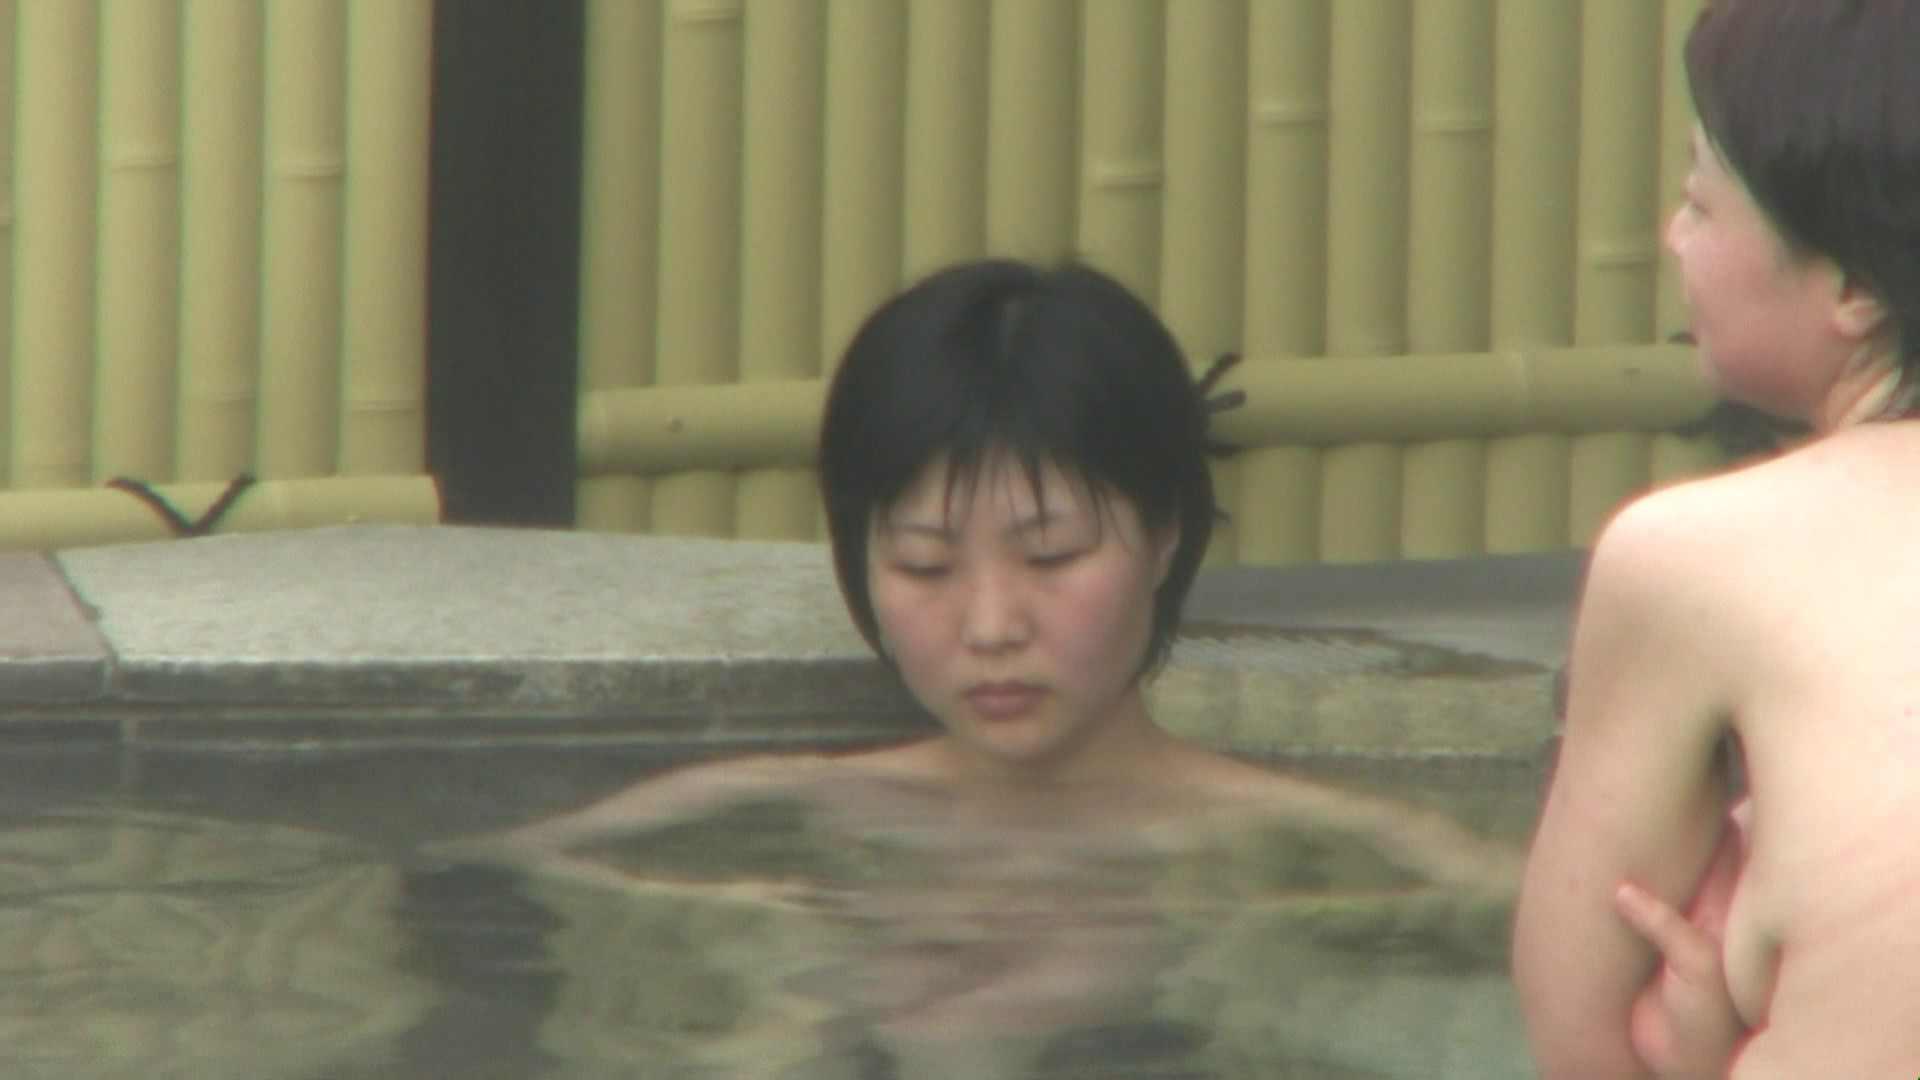 Aquaな露天風呂Vol.74【VIP限定】 露天風呂 | 盗撮動画  10枚 9